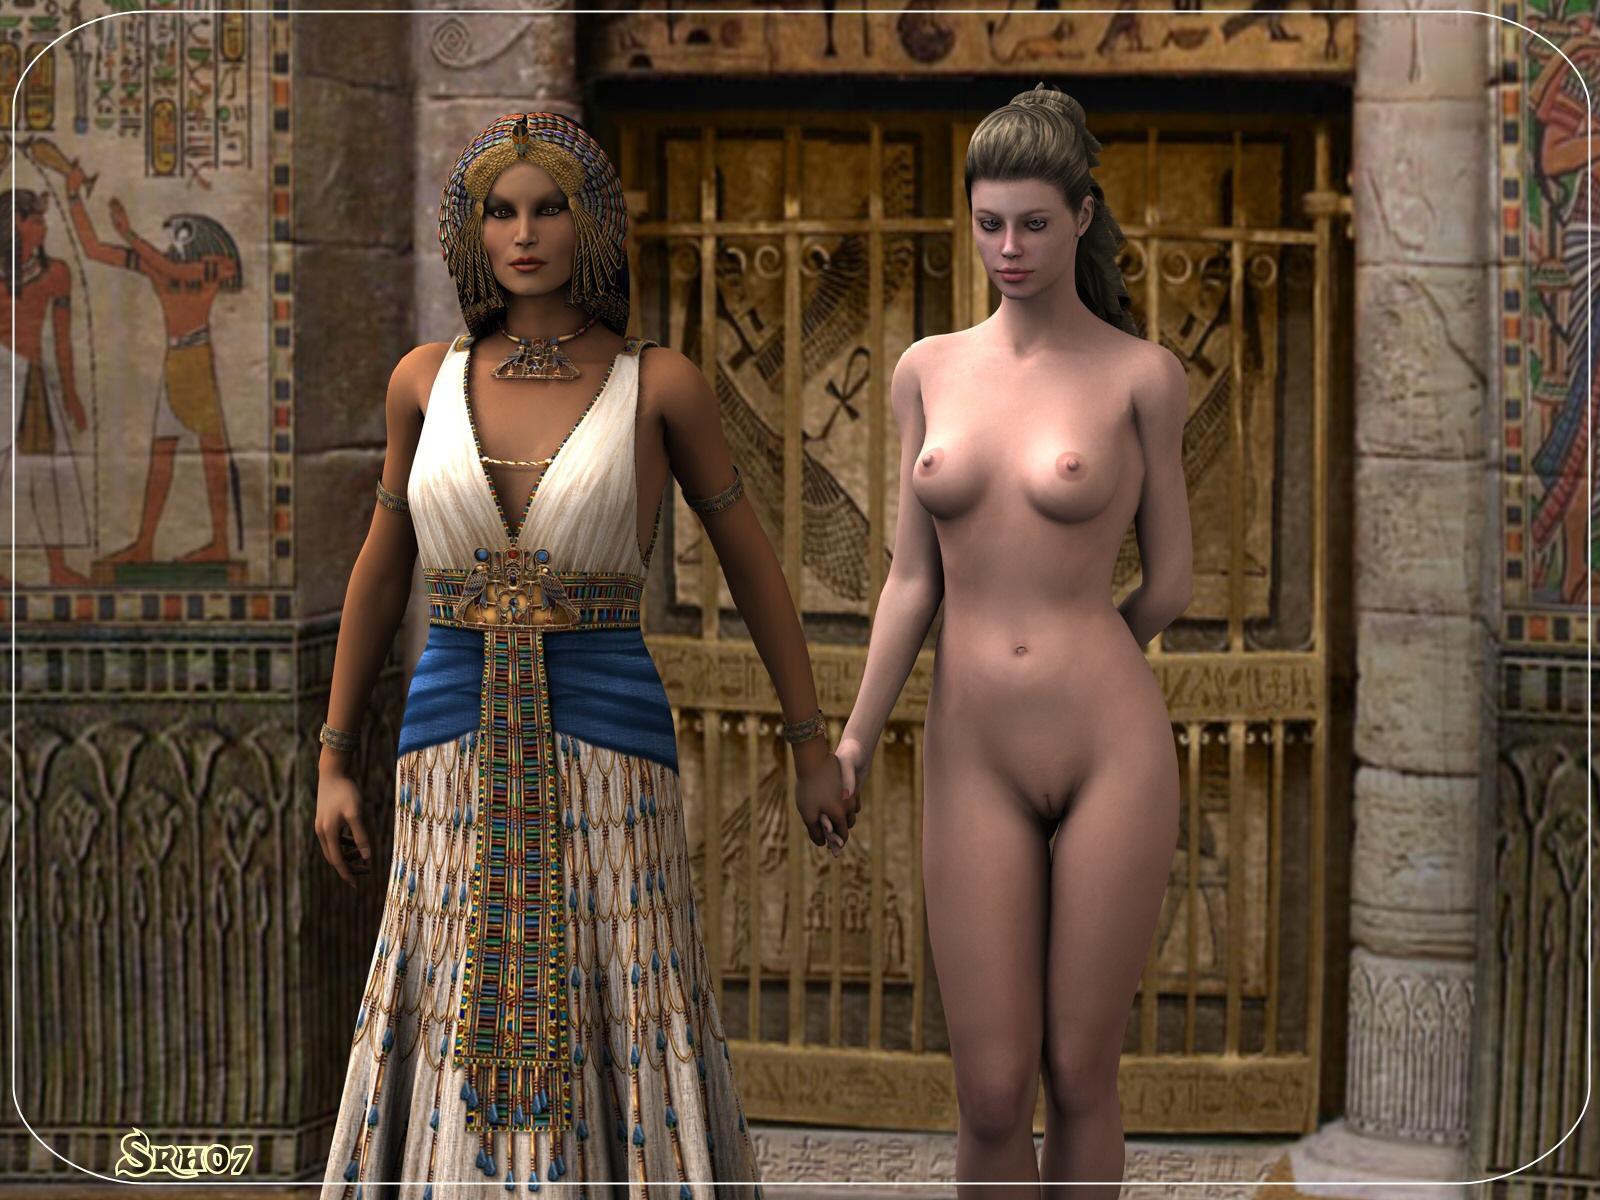 Фото голых египтян, Египетское - Смотри бесплатно эротику и порно 13 фотография